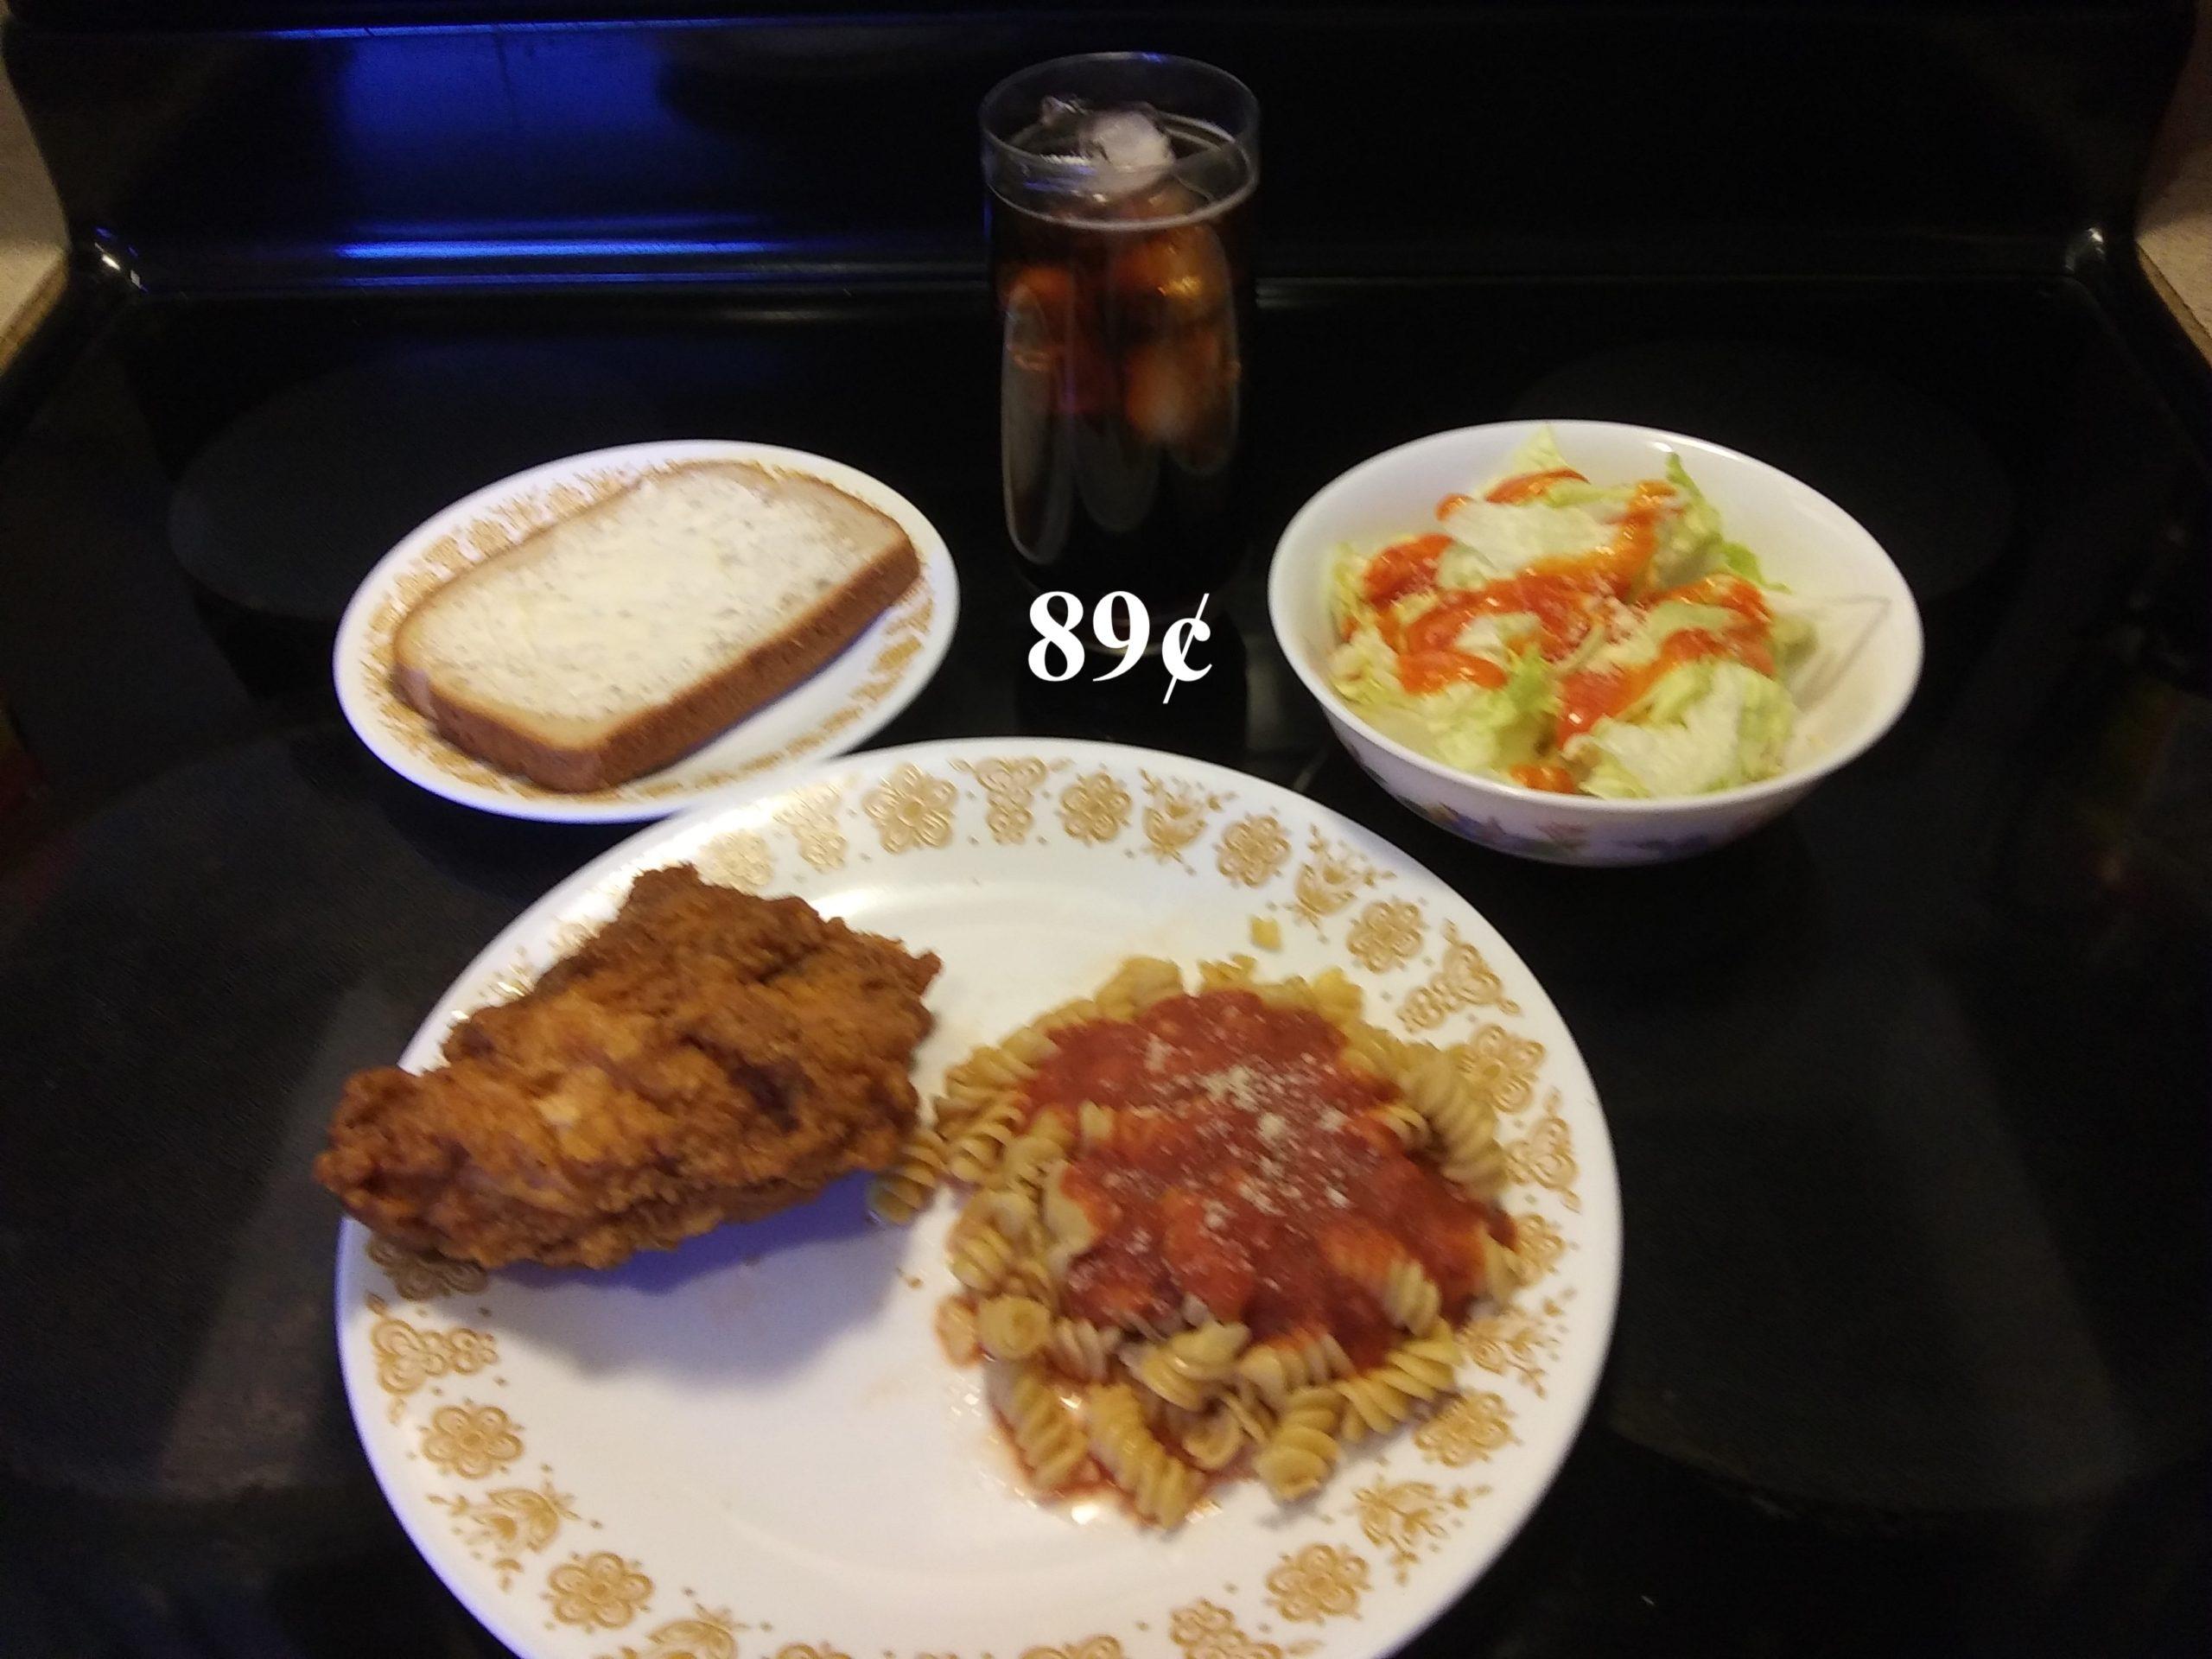 pasta w chicken lunch